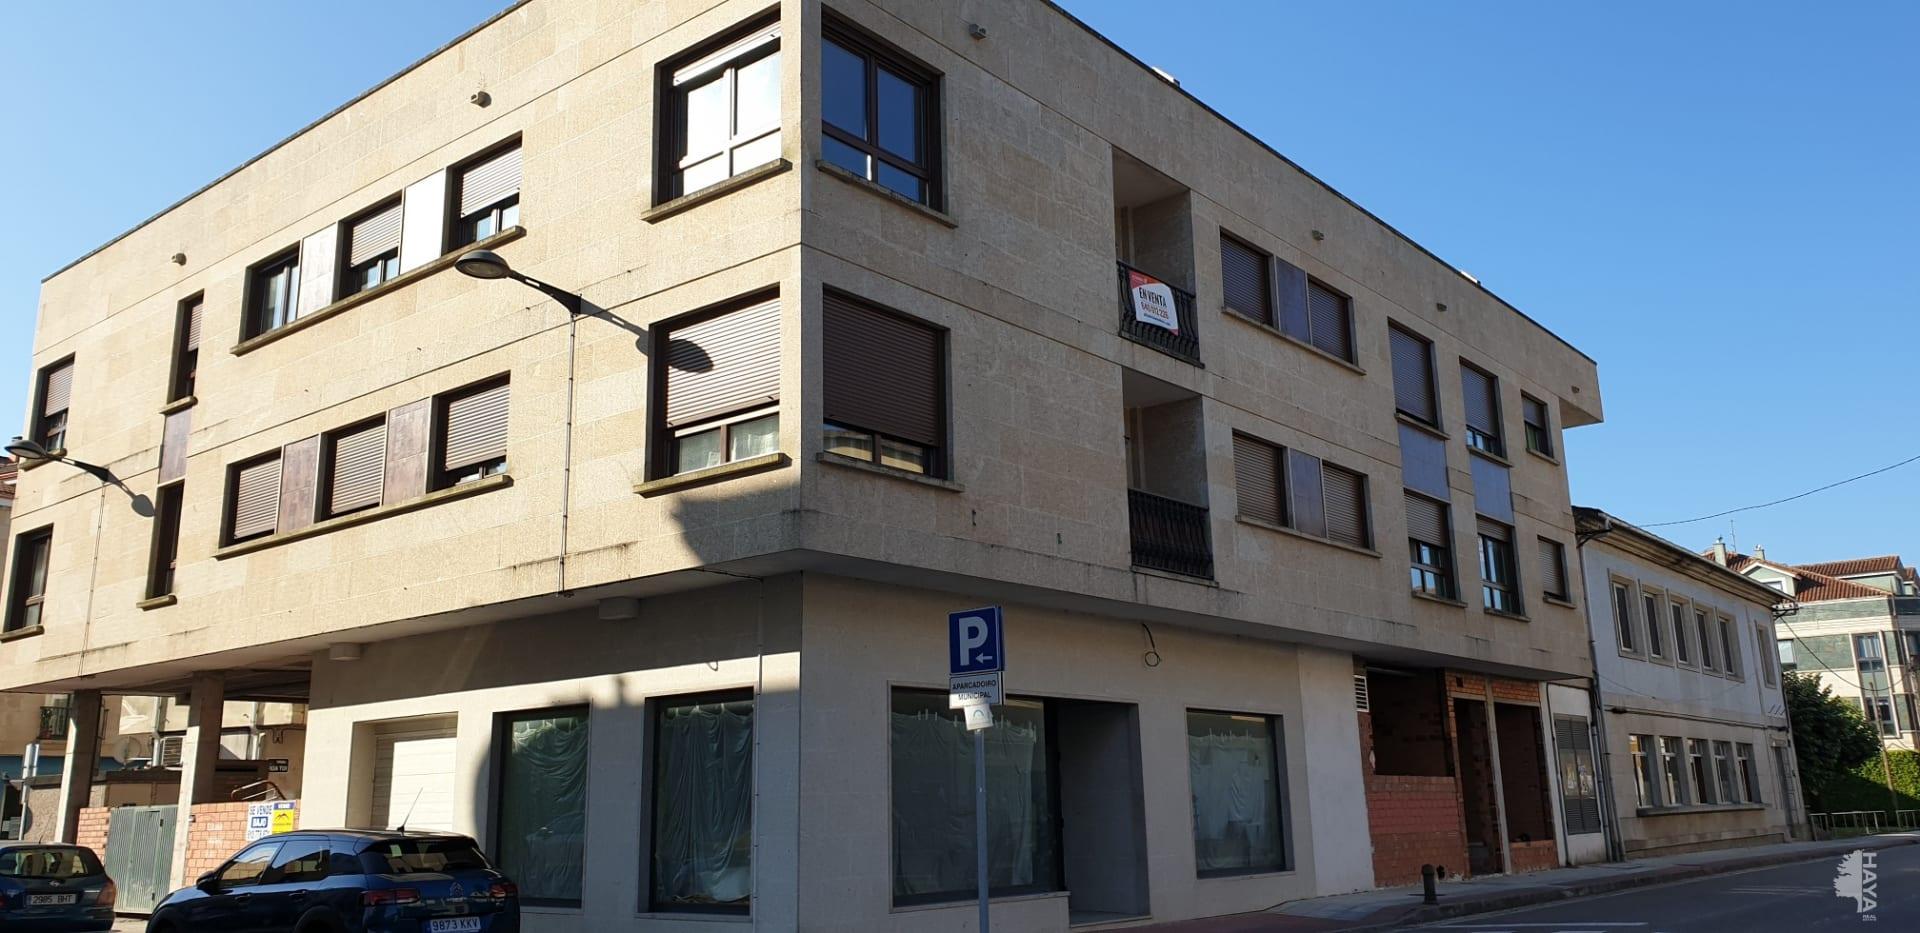 Piso en venta en Tomiño, Pontevedra, Avenida Gondomar (de), 57.015 €, 1 habitación, 1 baño, 62 m2